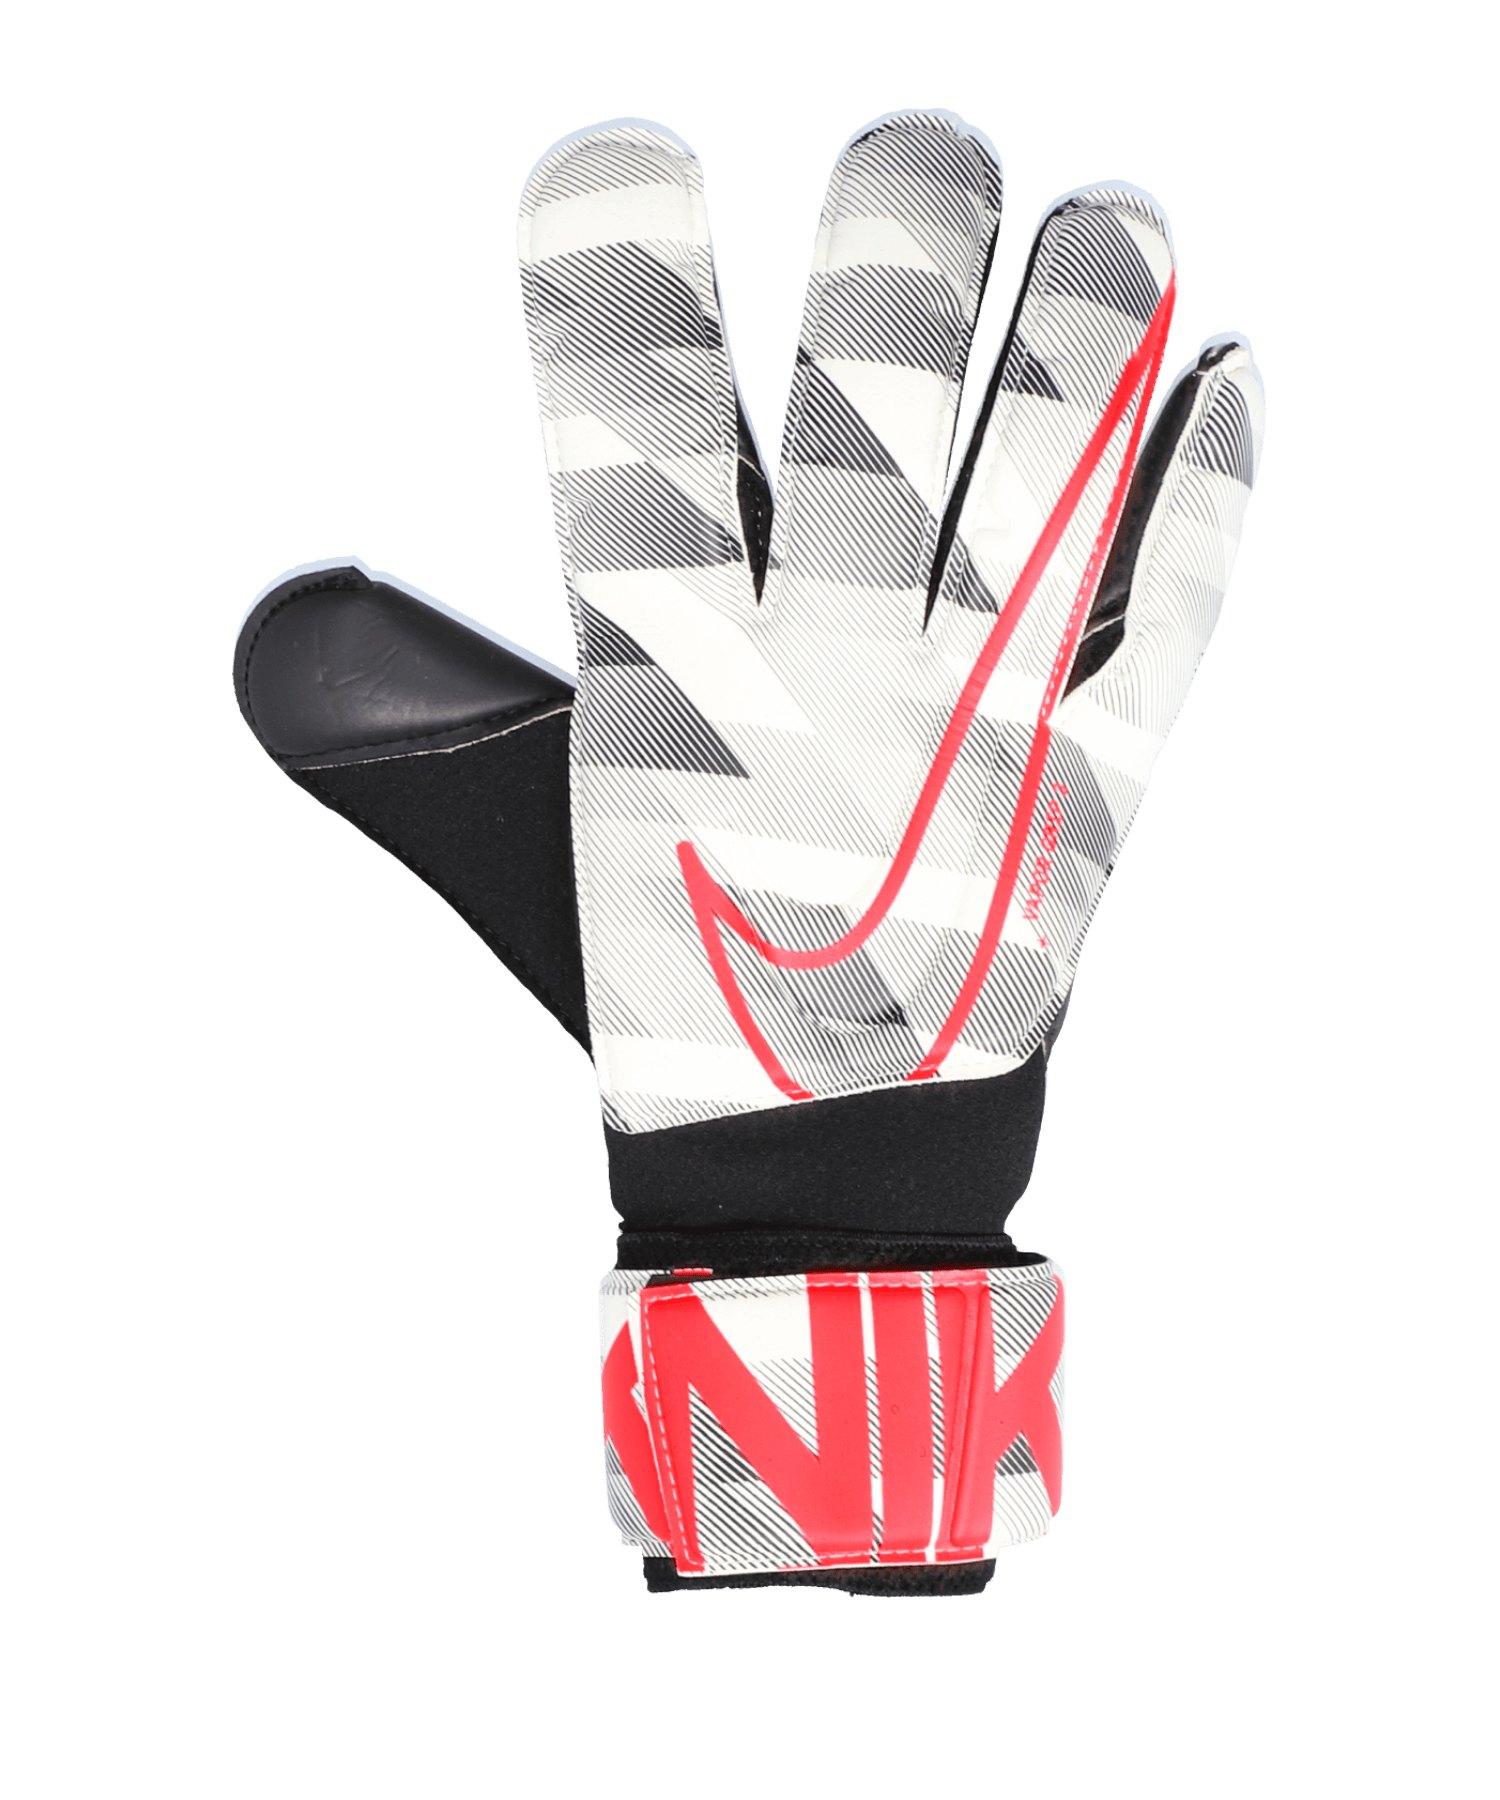 Nike GRP3 VPR Torwarthandschuh weiss F100 - weiss